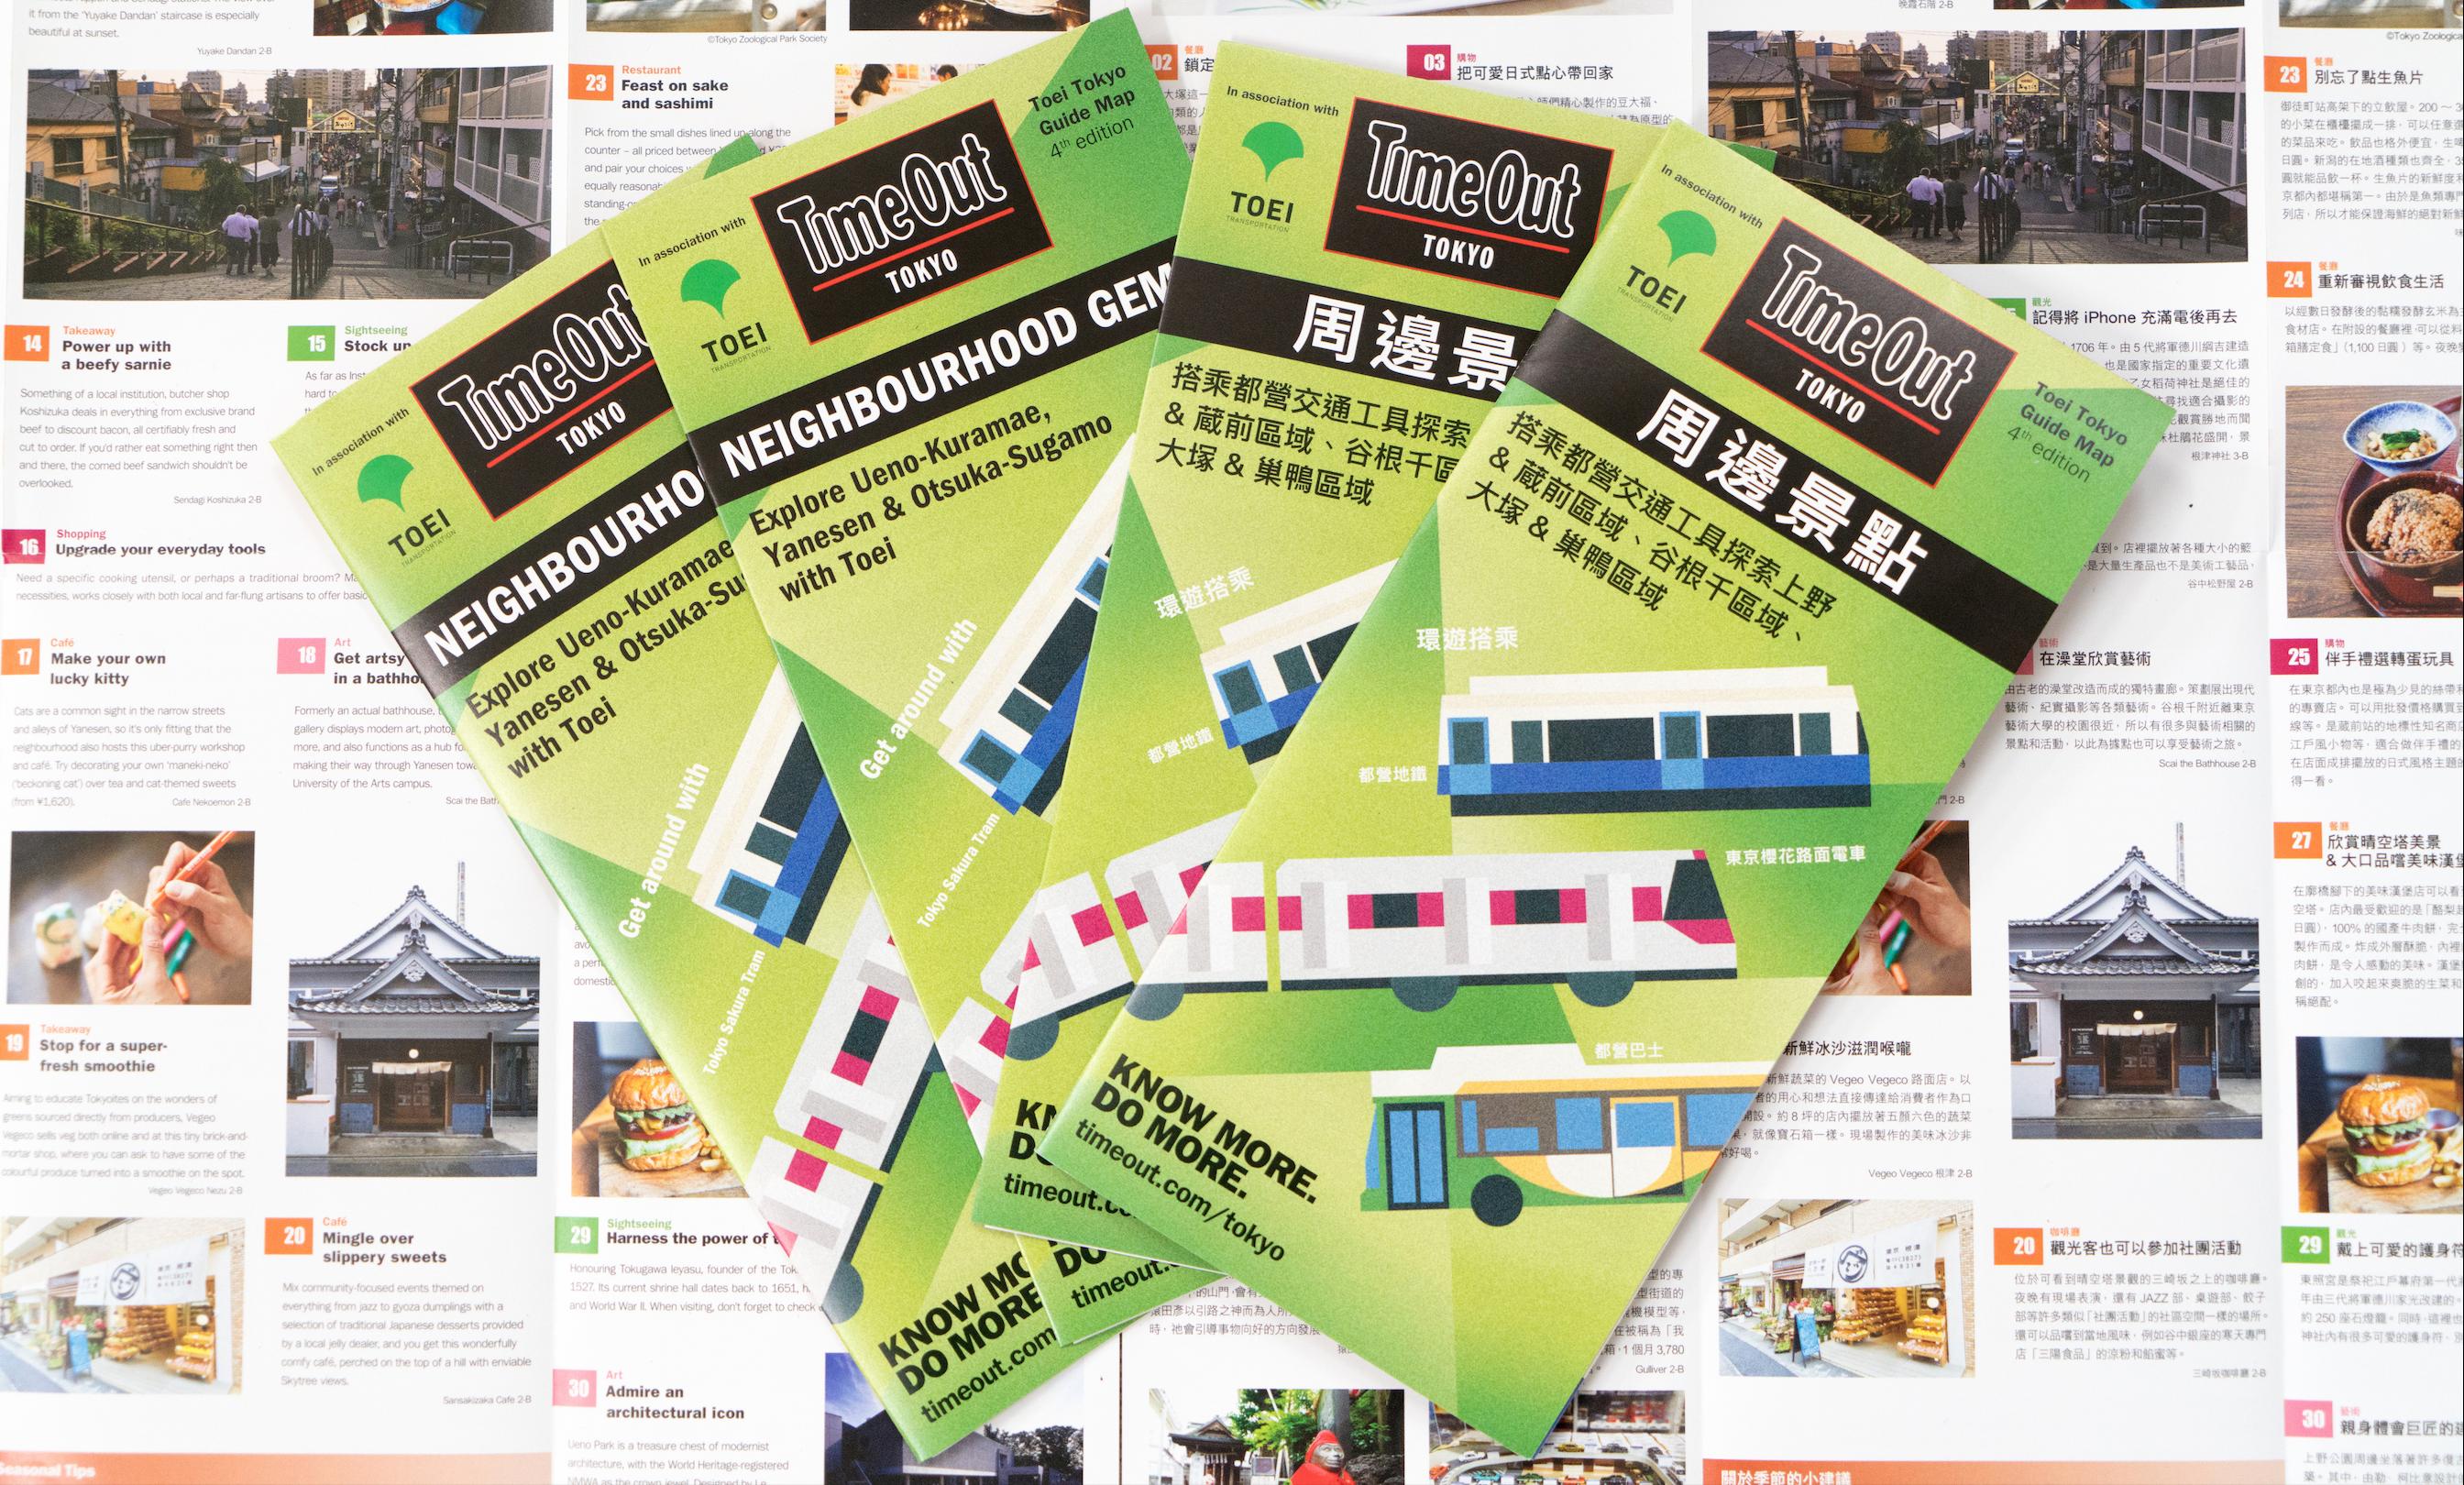 東京都交通局とのガイドマップ第4弾(英語・繁体字版)をリリース